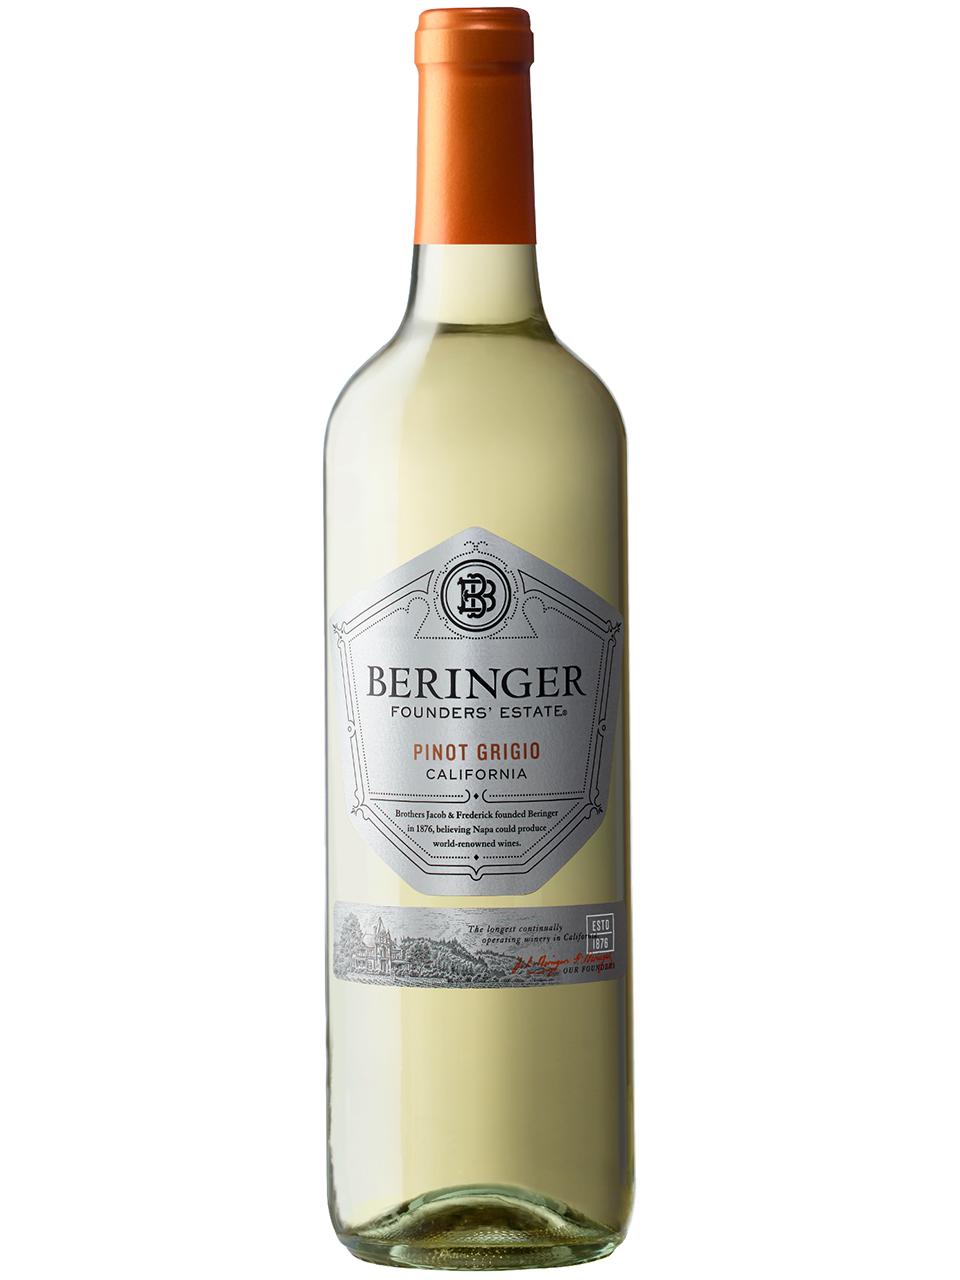 Beringer Founders' Estate Pinot Grigio